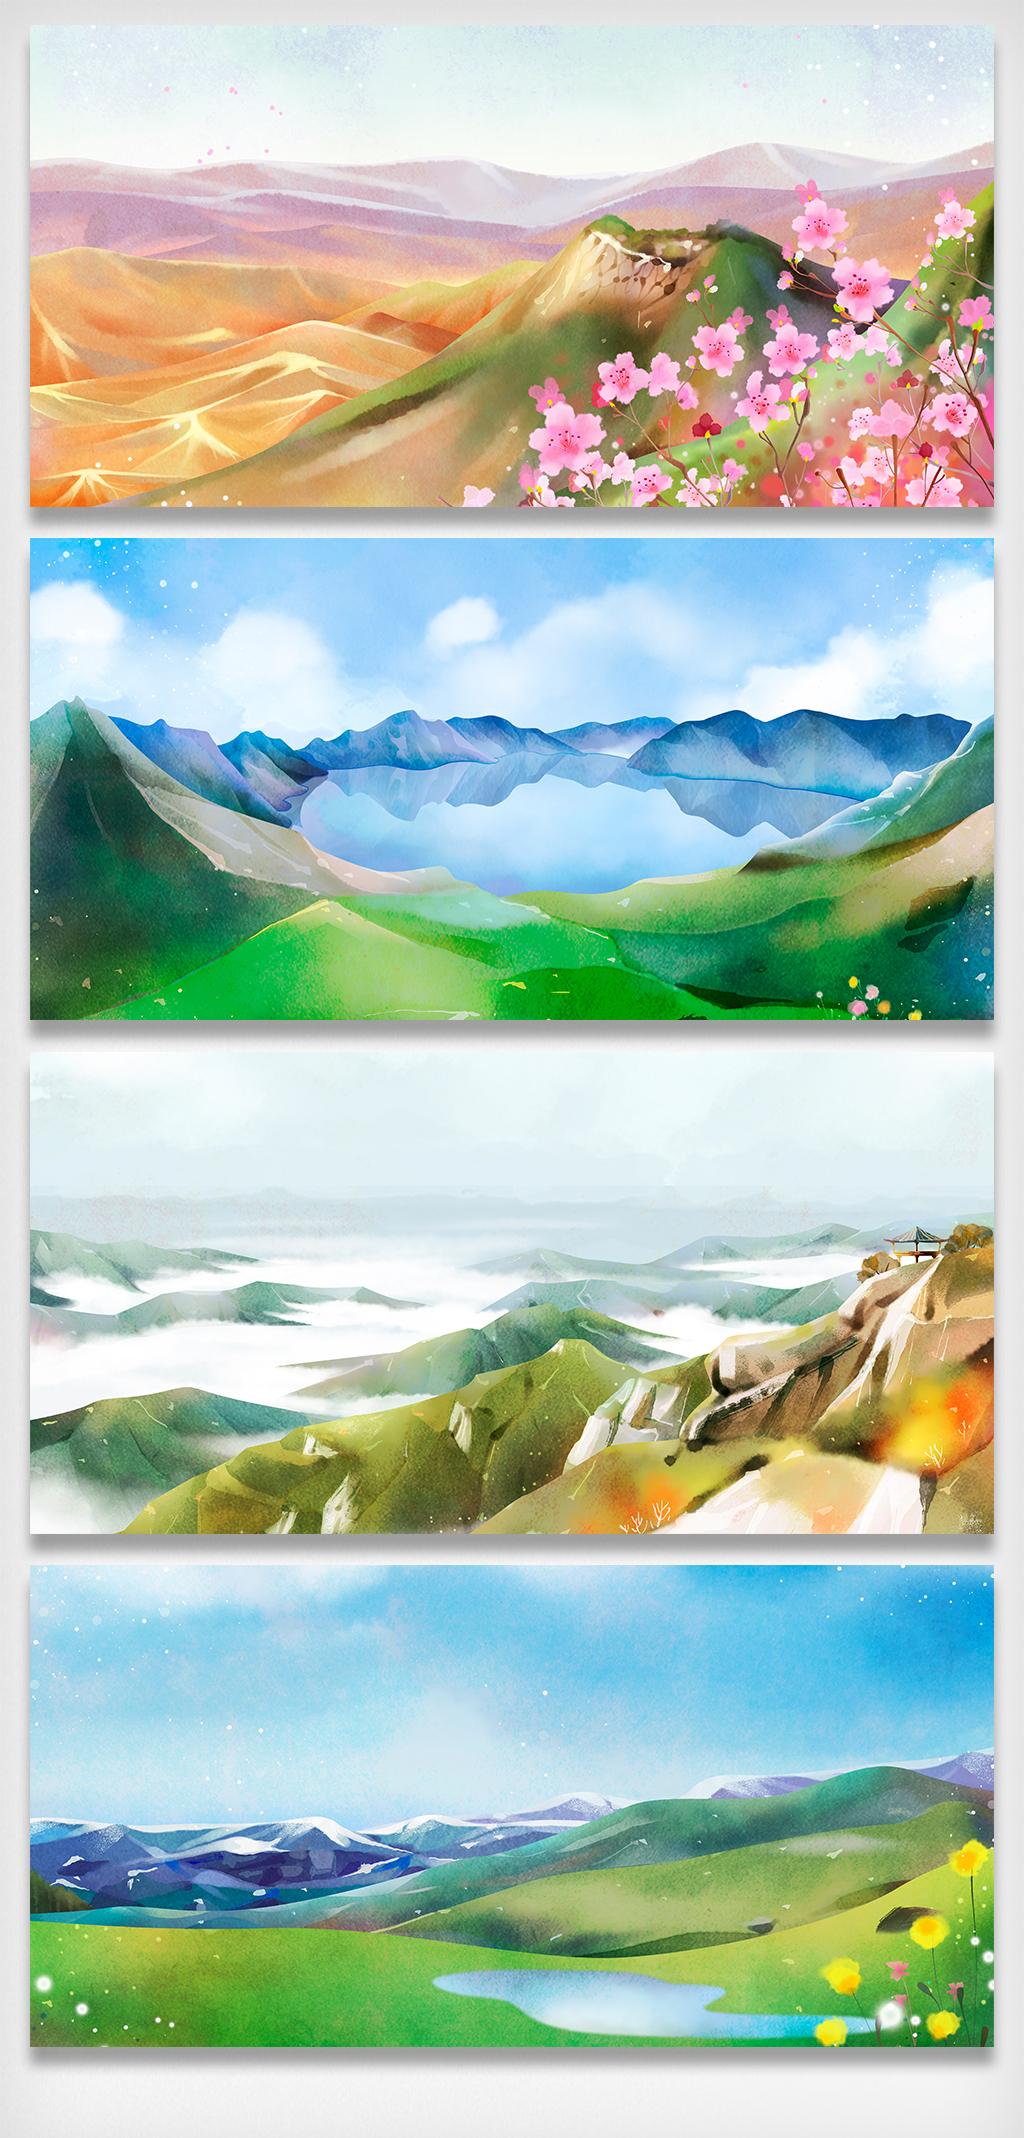 > 手绘风景水墨风景画山水展板元素   图片编号:27470067 文件格式